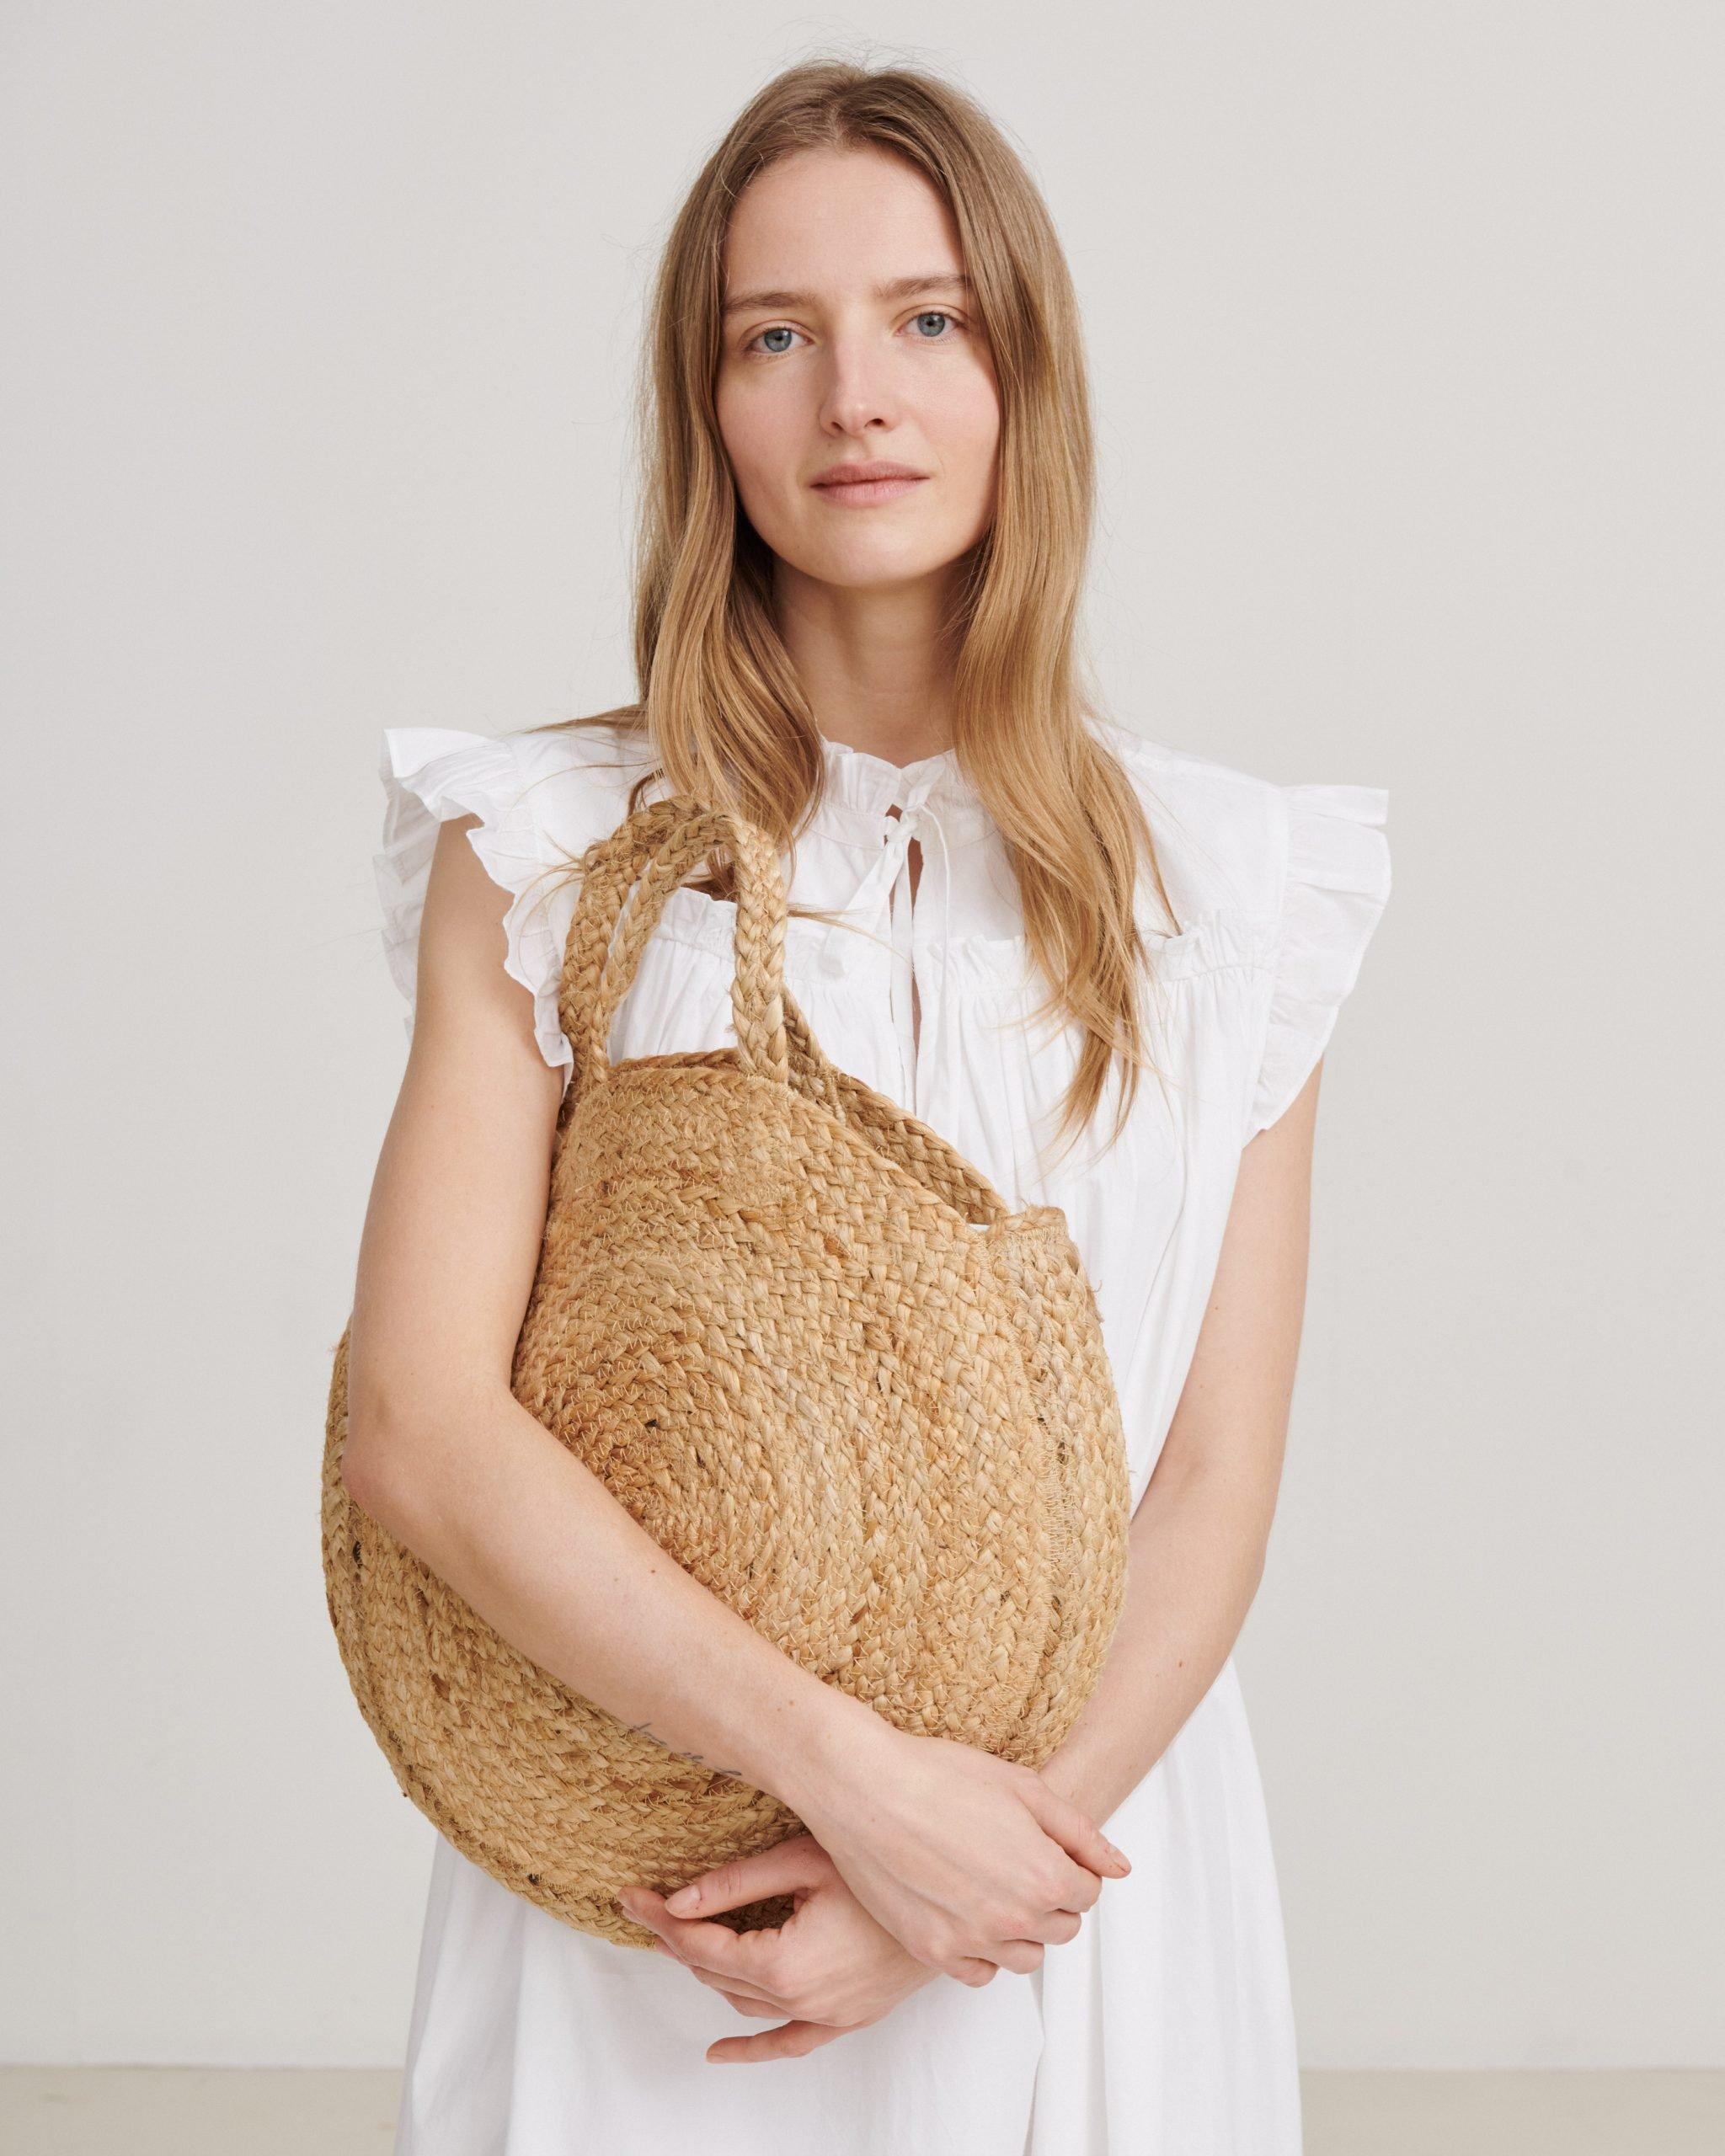 Skall Studio Model holding a bag